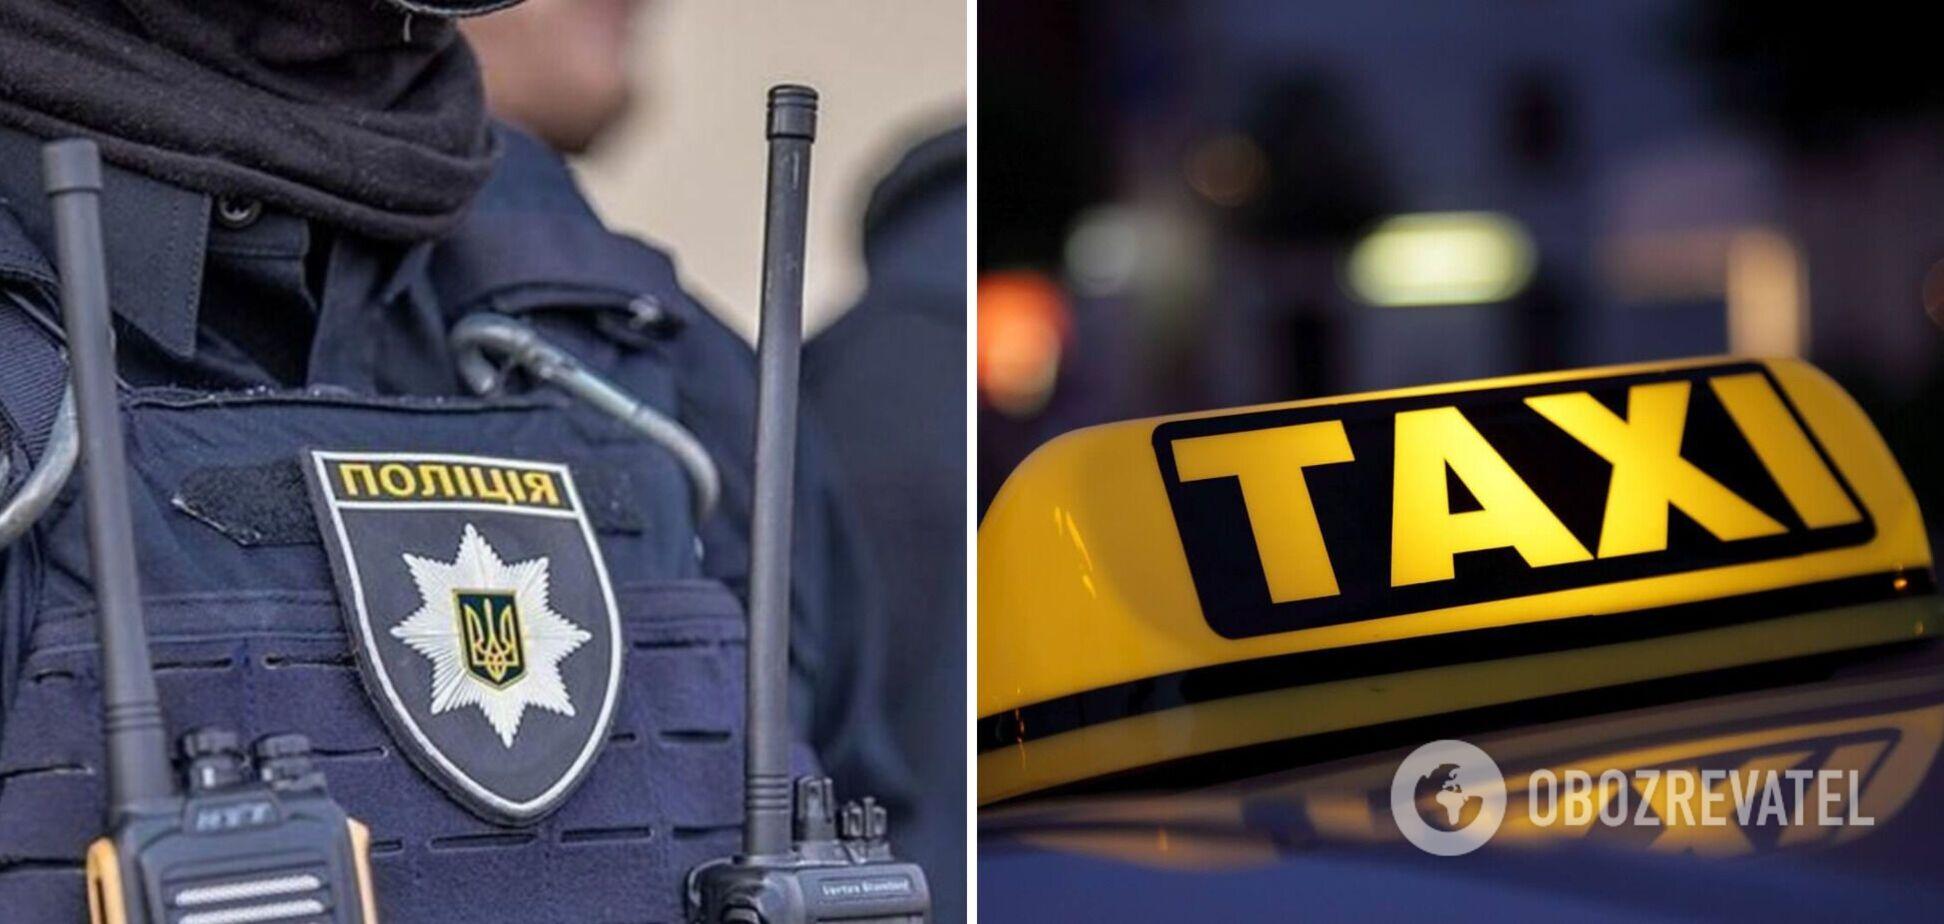 У Львові застрелили таксиста, поліція шукає нападників. Фото і всі подробиці